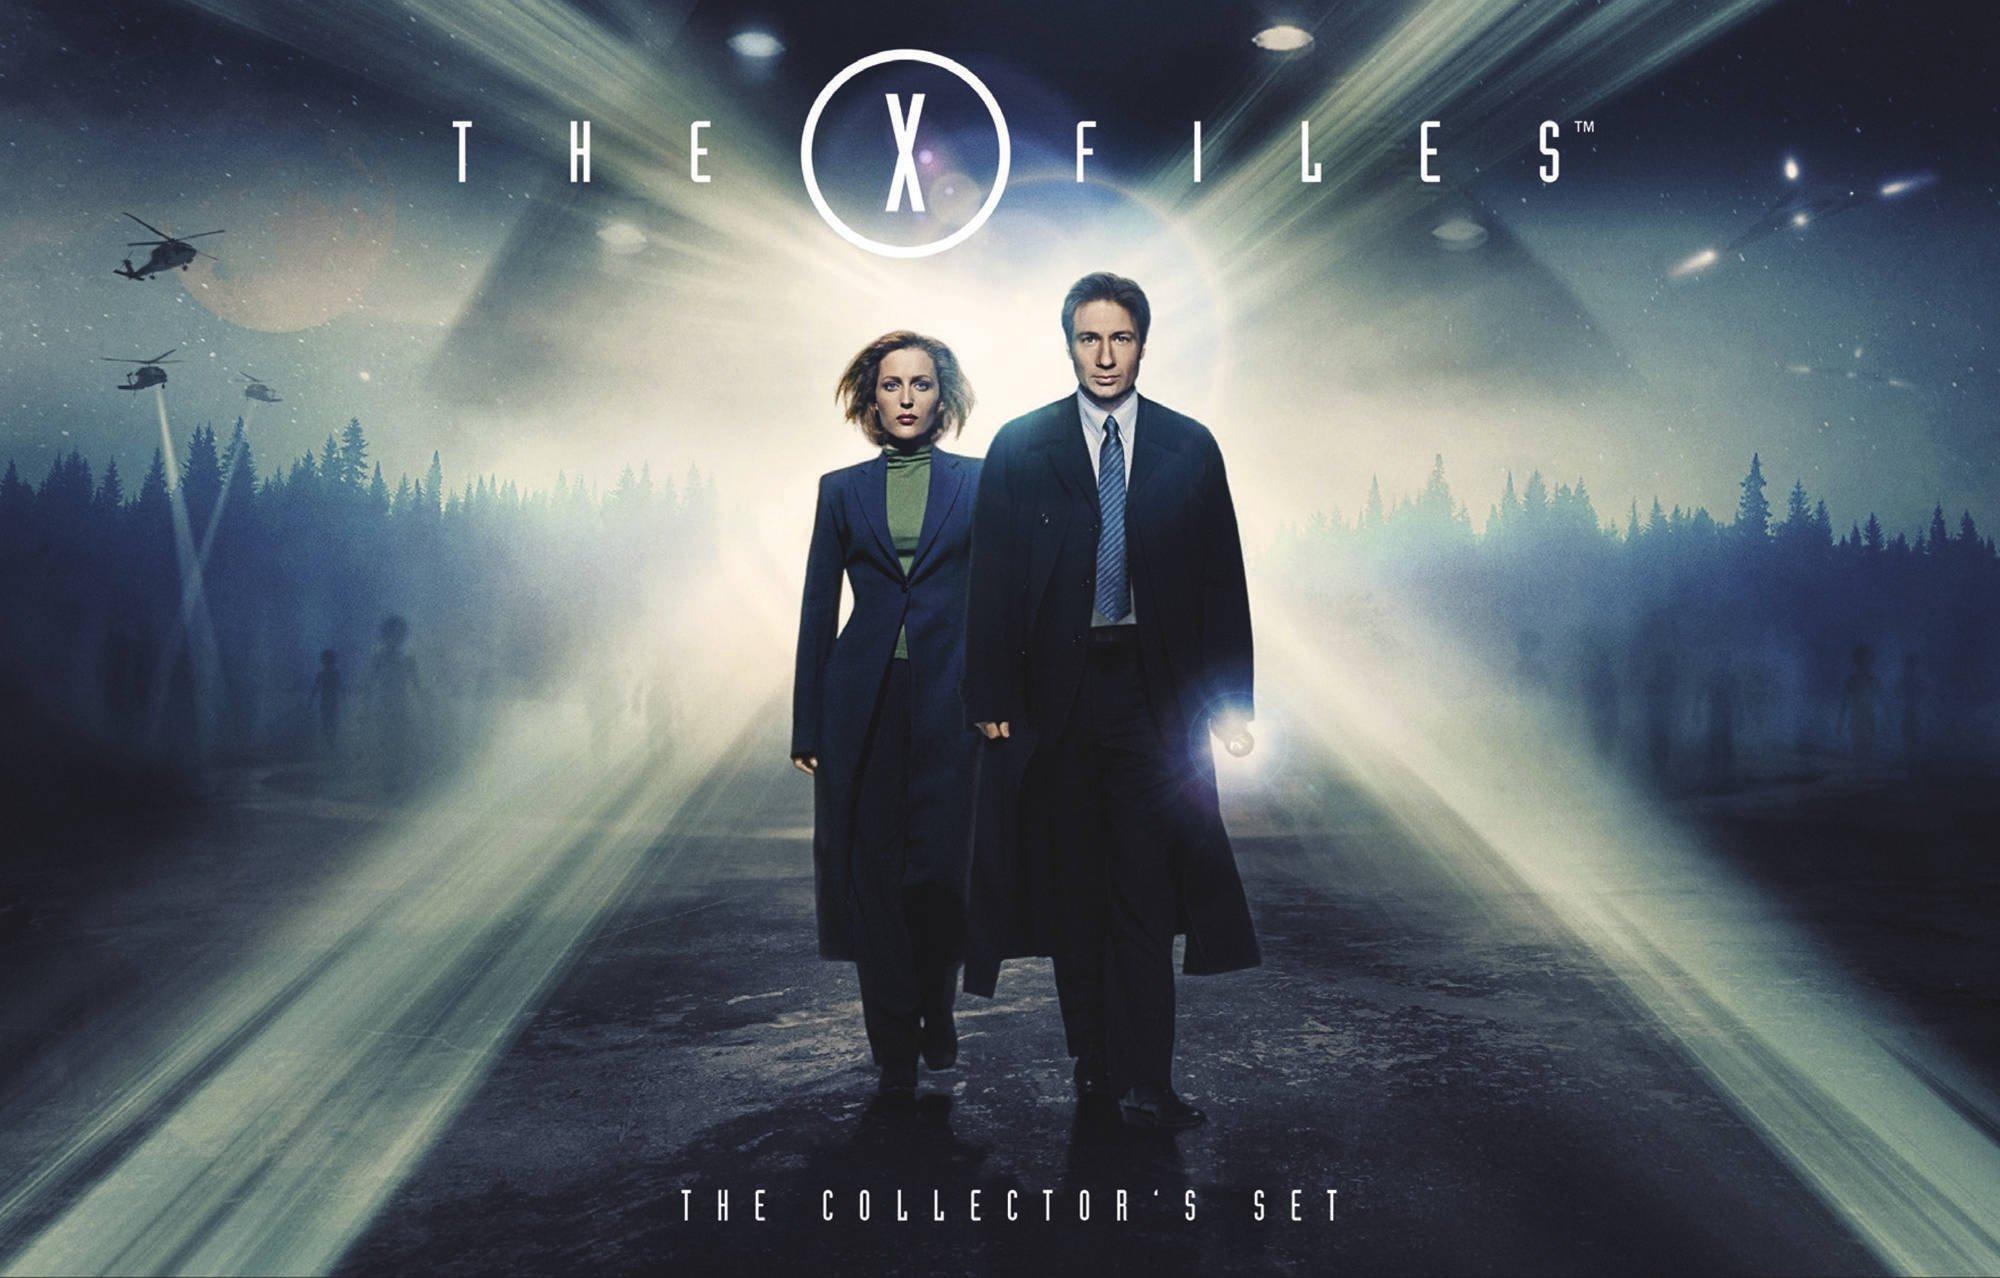 [影集] The X-Files (MiniSeries) (2016) 81W4mvIkFyL